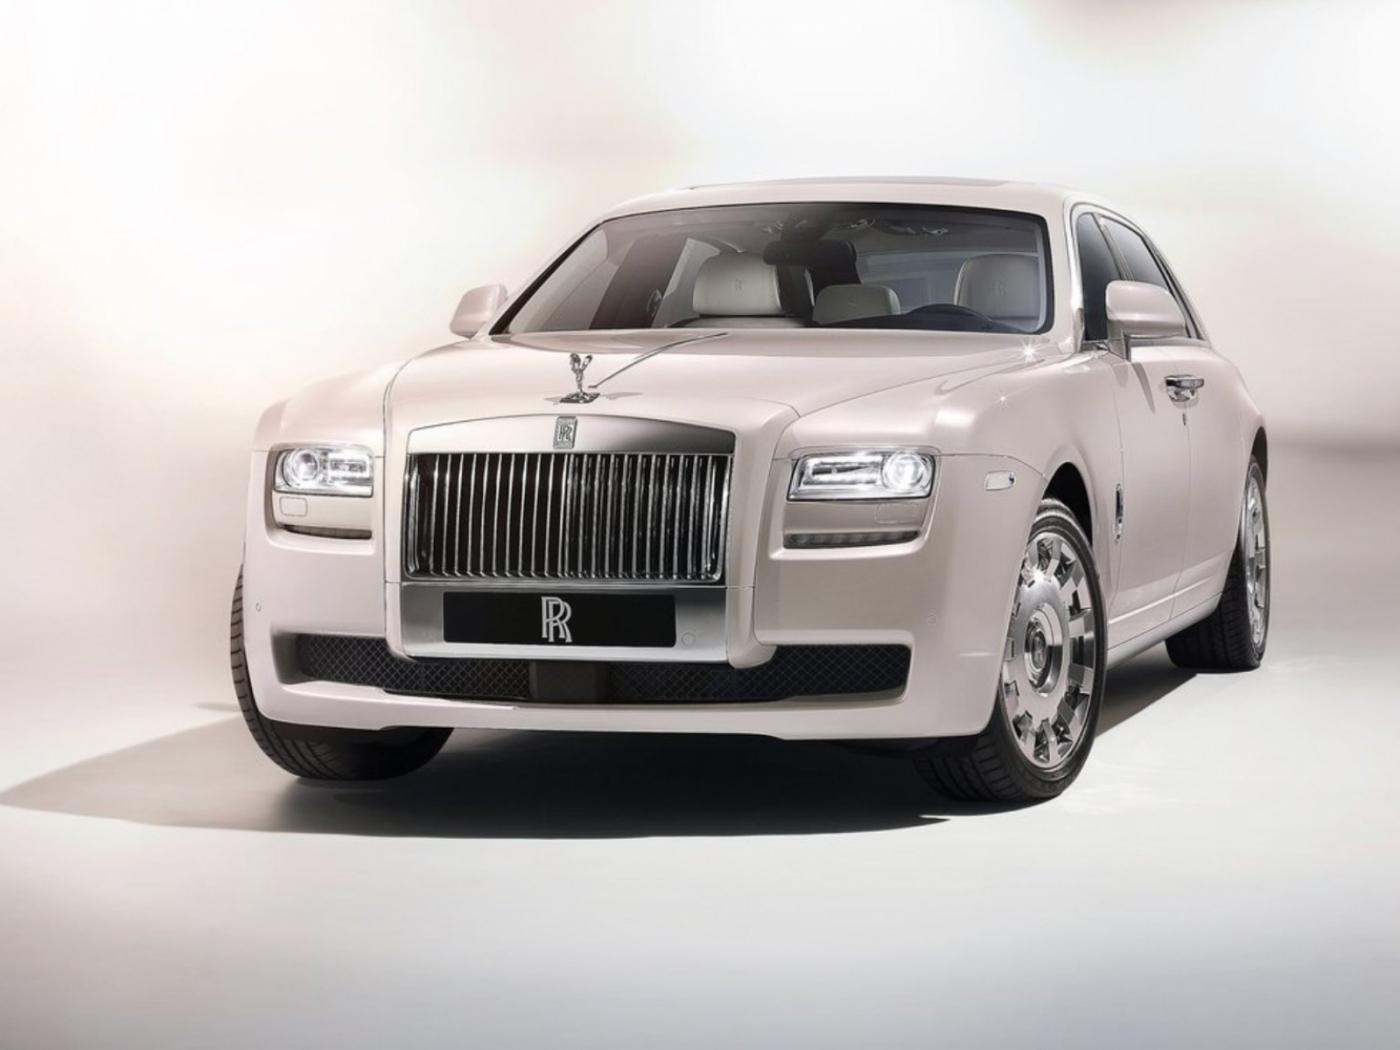 37508 скачать обои Транспорт, Машины, Ролс Ройс (Rolls-Royce) - заставки и картинки бесплатно